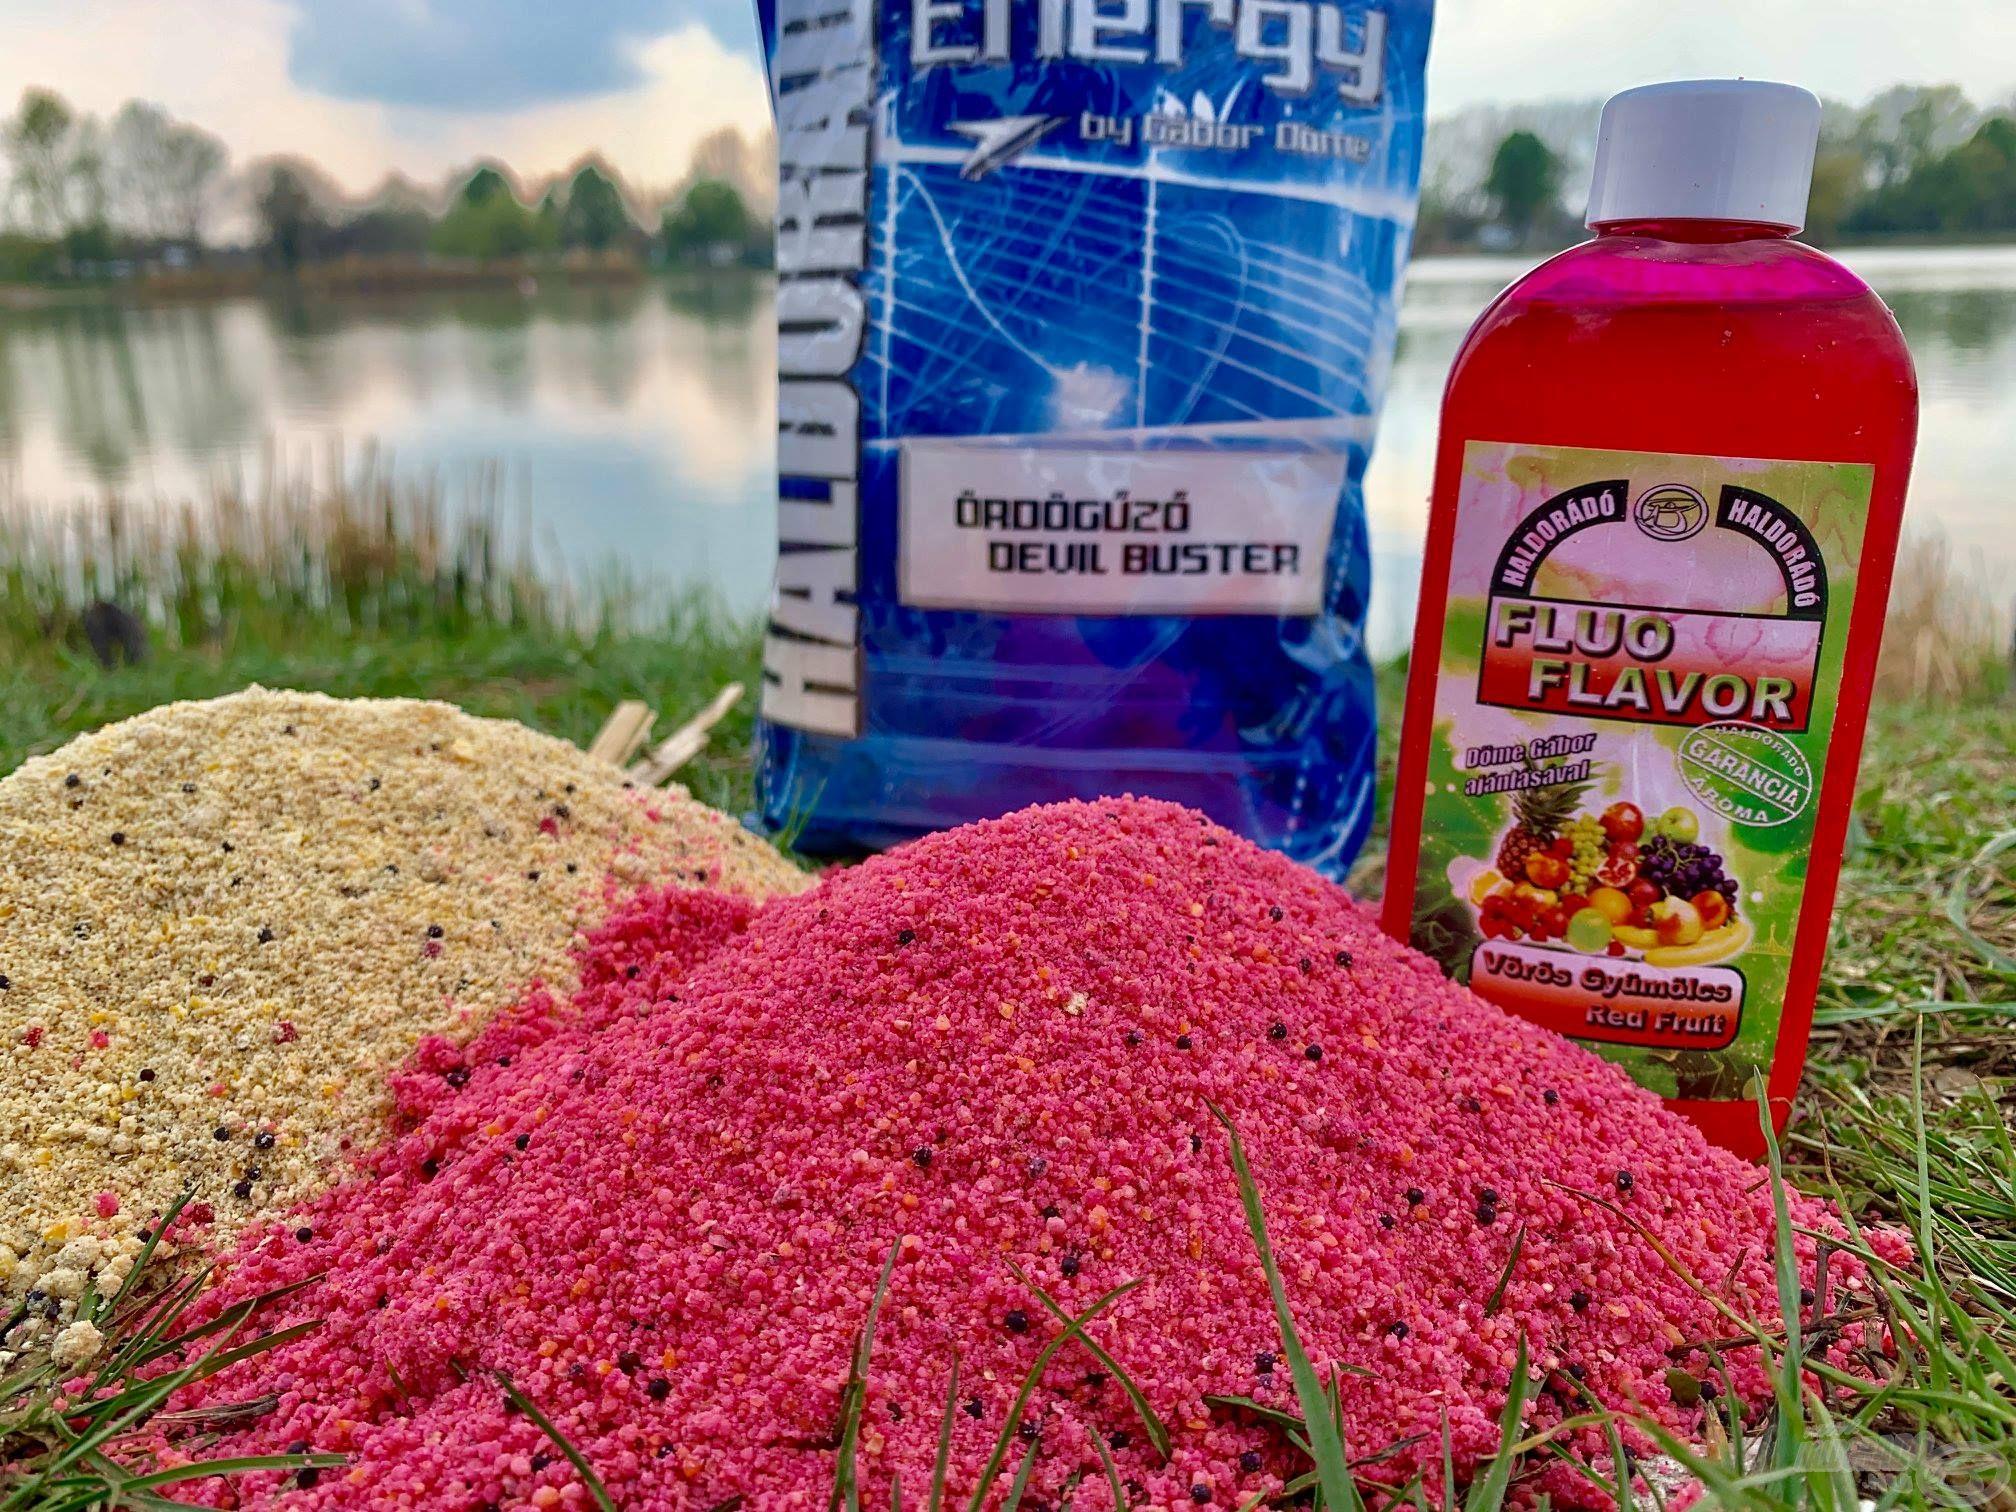 A Haldorádó Fluo Energy Ördögűző etetőanyagot két különböző módon kevertem be. Egy részét simán, vízzel, míg a másik felét Fluo Flavor Vörös Gyümölcs aromával. Ezt a kettőt váltogattam, ezekre érkezett a legtöbb kapás